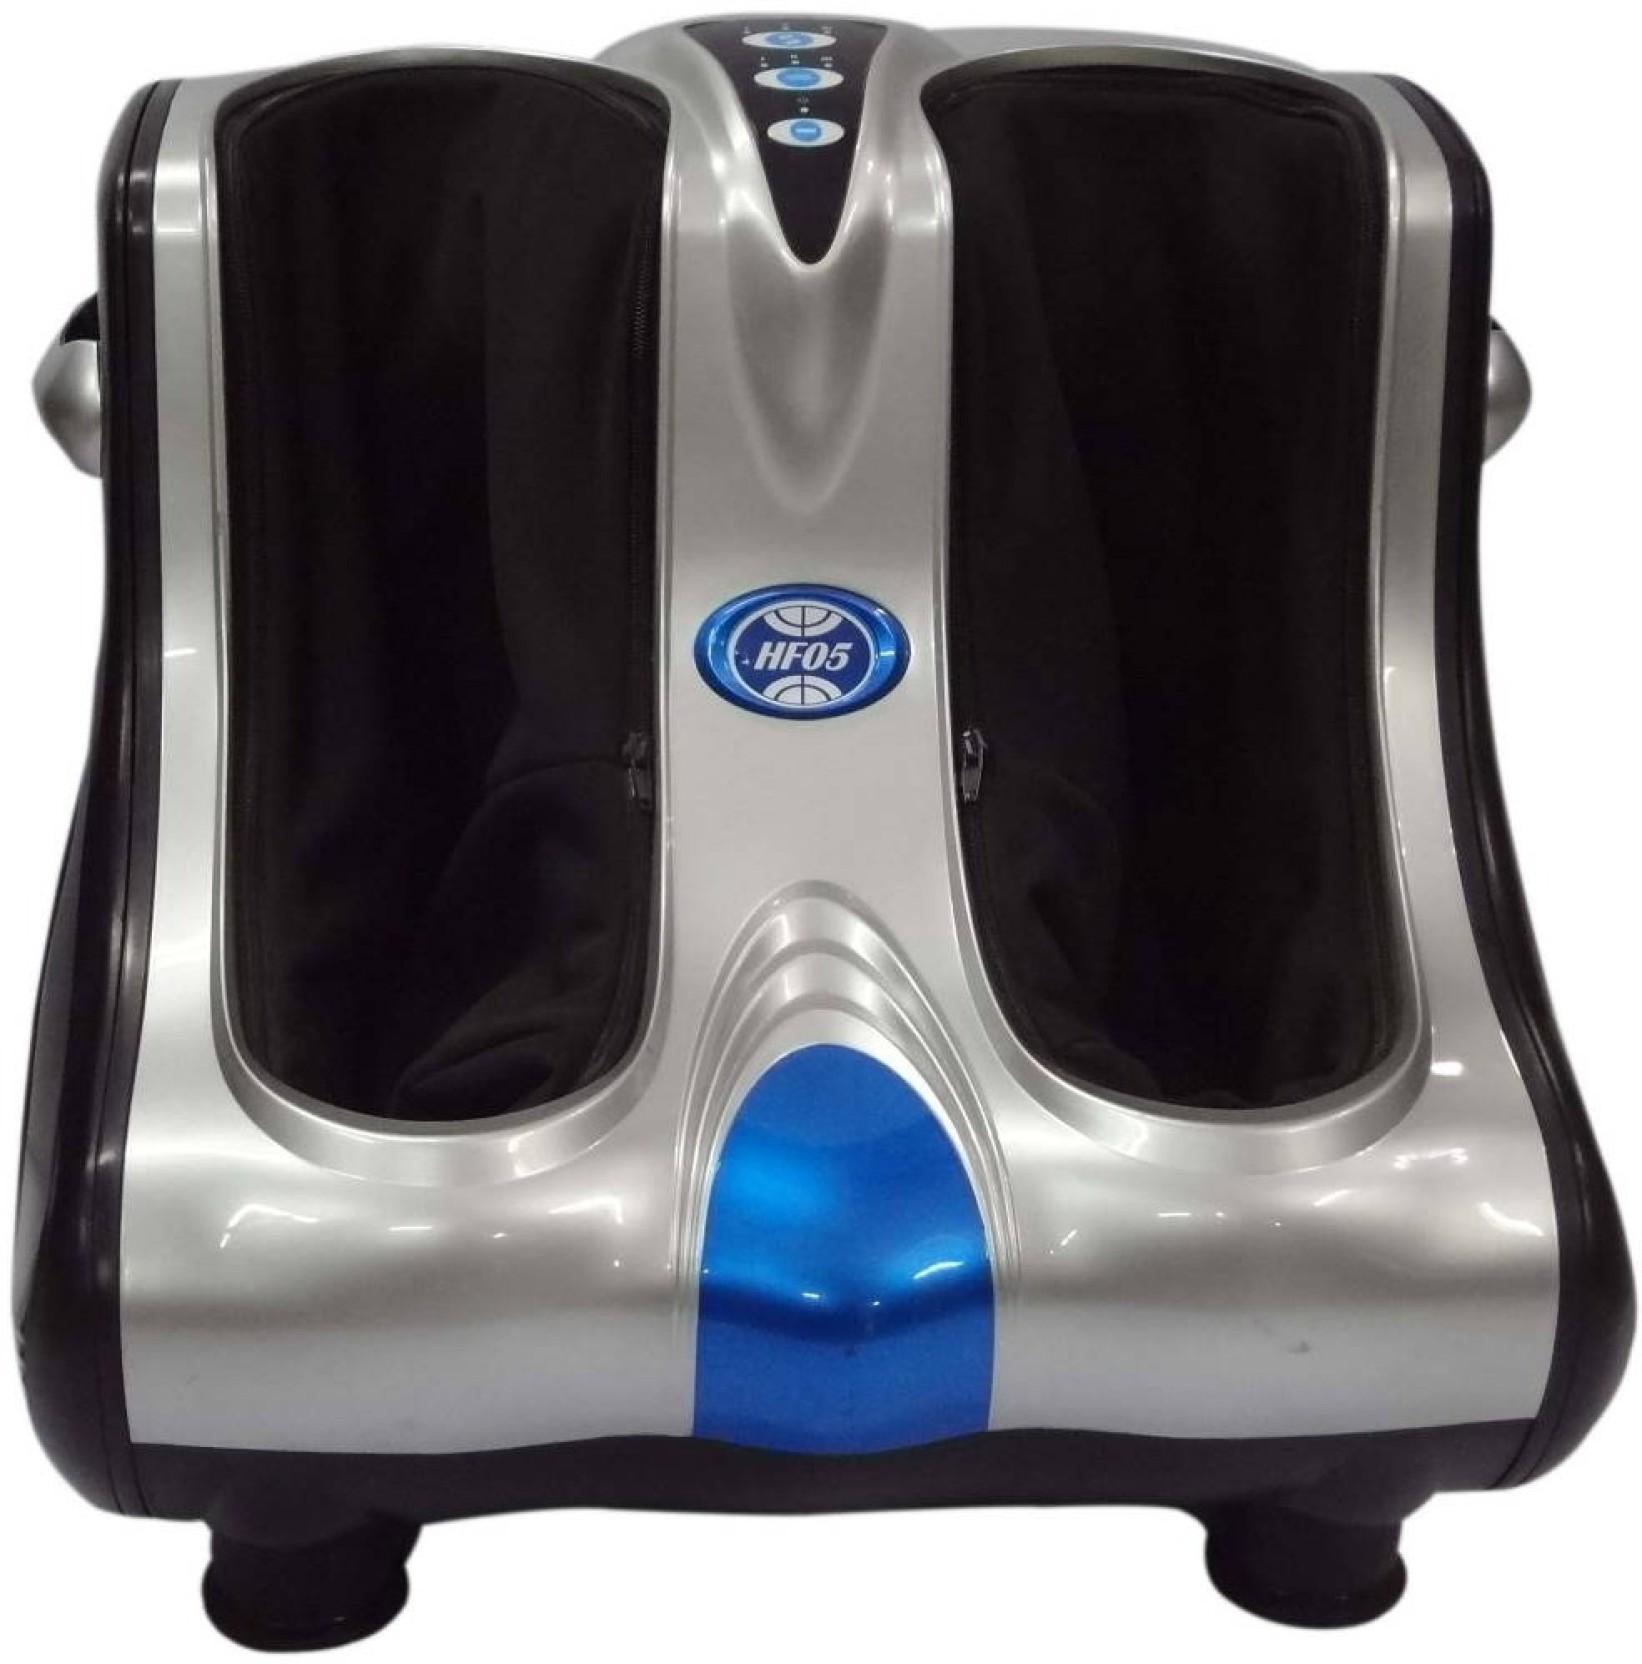 JSB HF05 Leg & Foot Massager - JSB : Flipkart.com